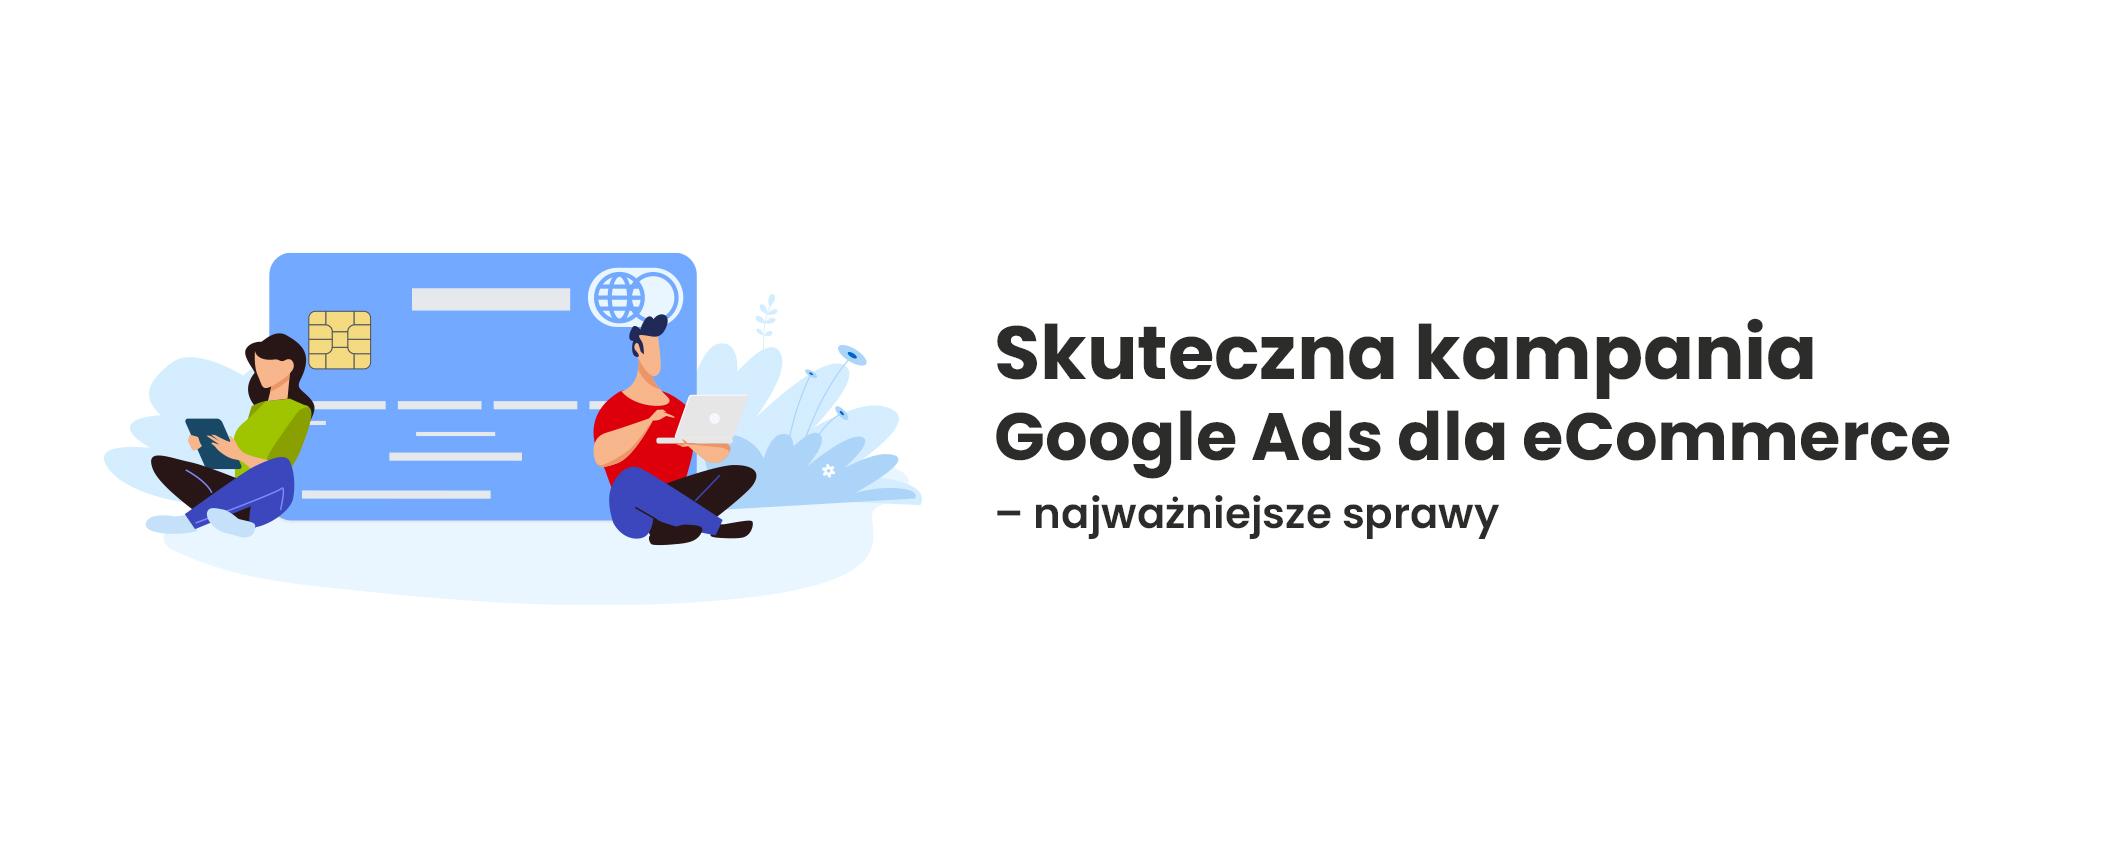 skuteczna kampania google ads dla ecommerce